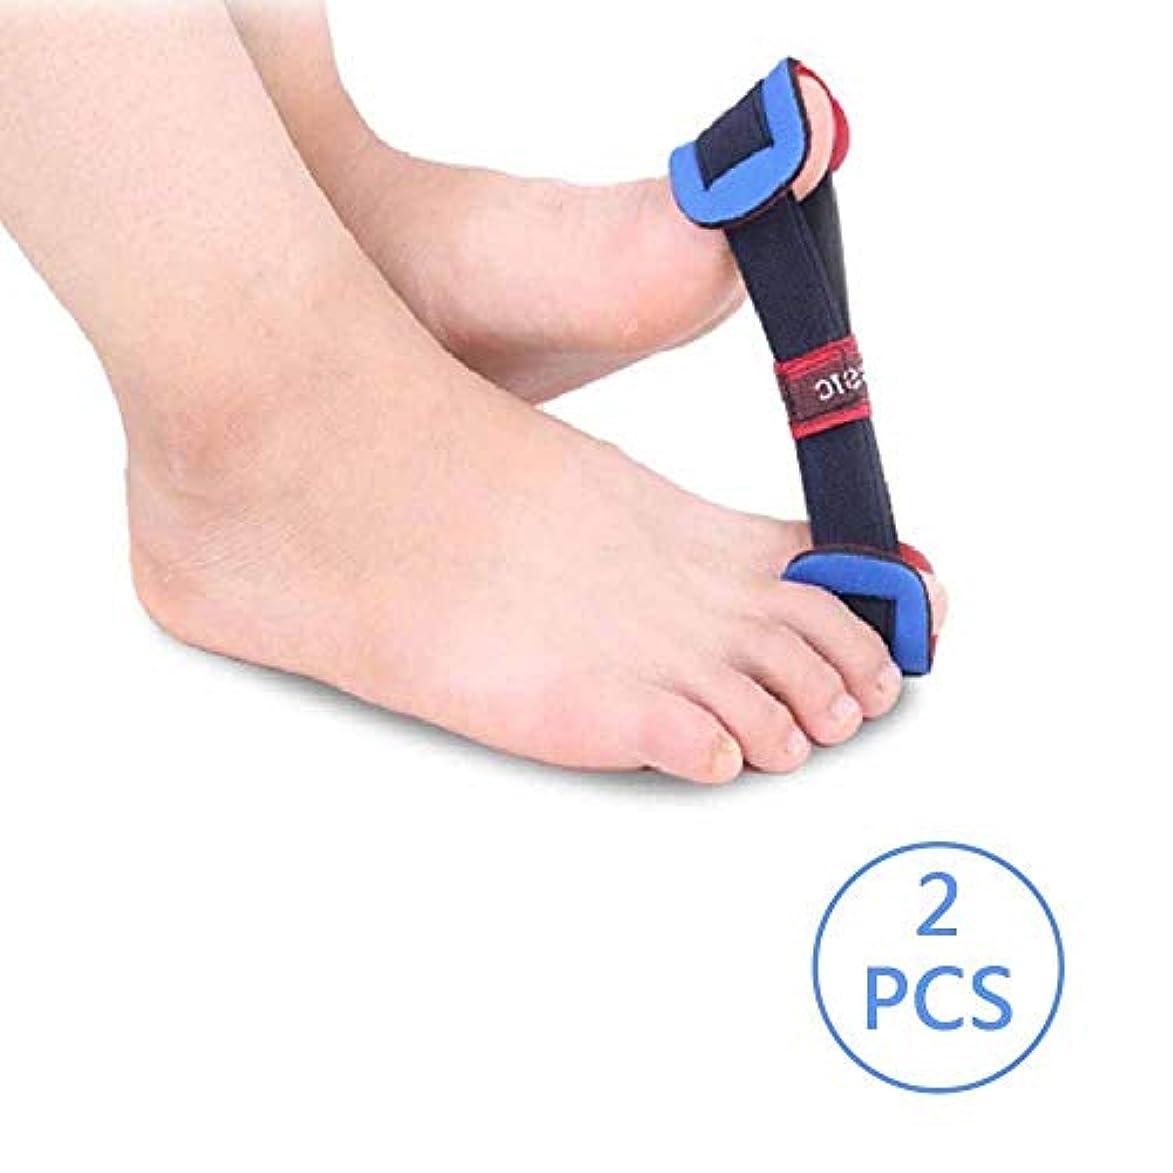 繊細面積おばあさんつま先ストラップ、バニーポーチ練習用ストレッチャーにより、自然な足の指のアライメントを復元します。